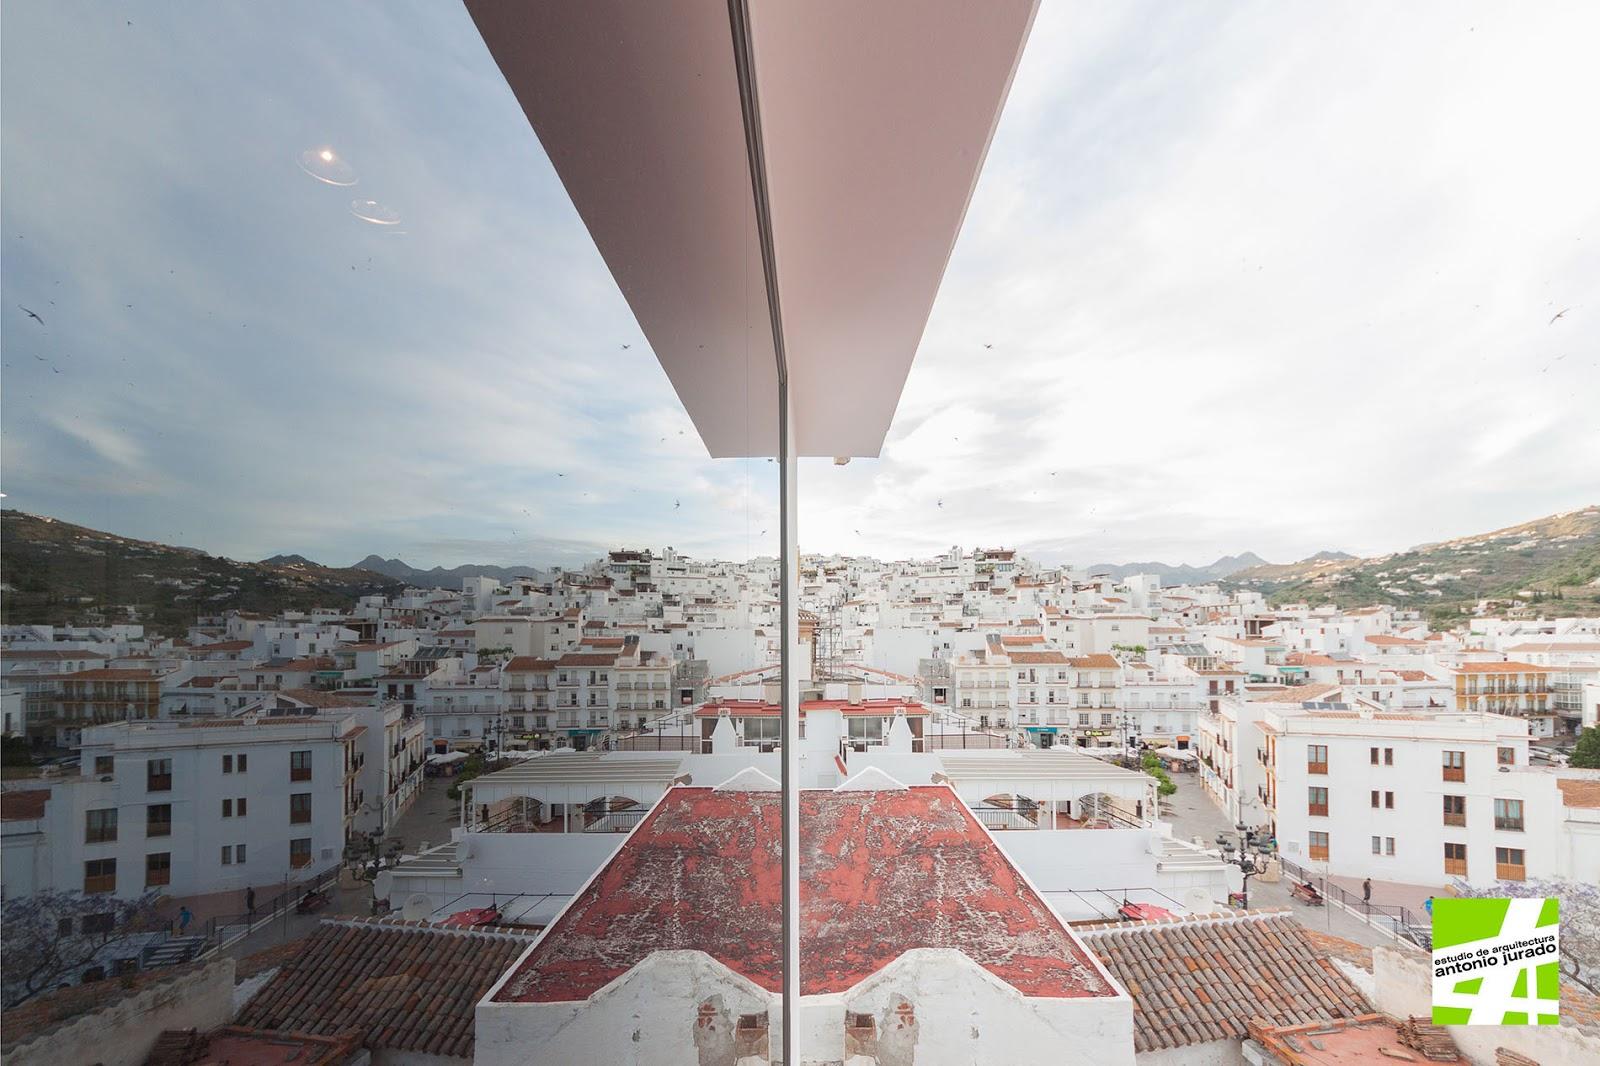 casa-tr-vivienda-unifamiliar-torrox-malaga-antonio-jurado-arquitecto-12